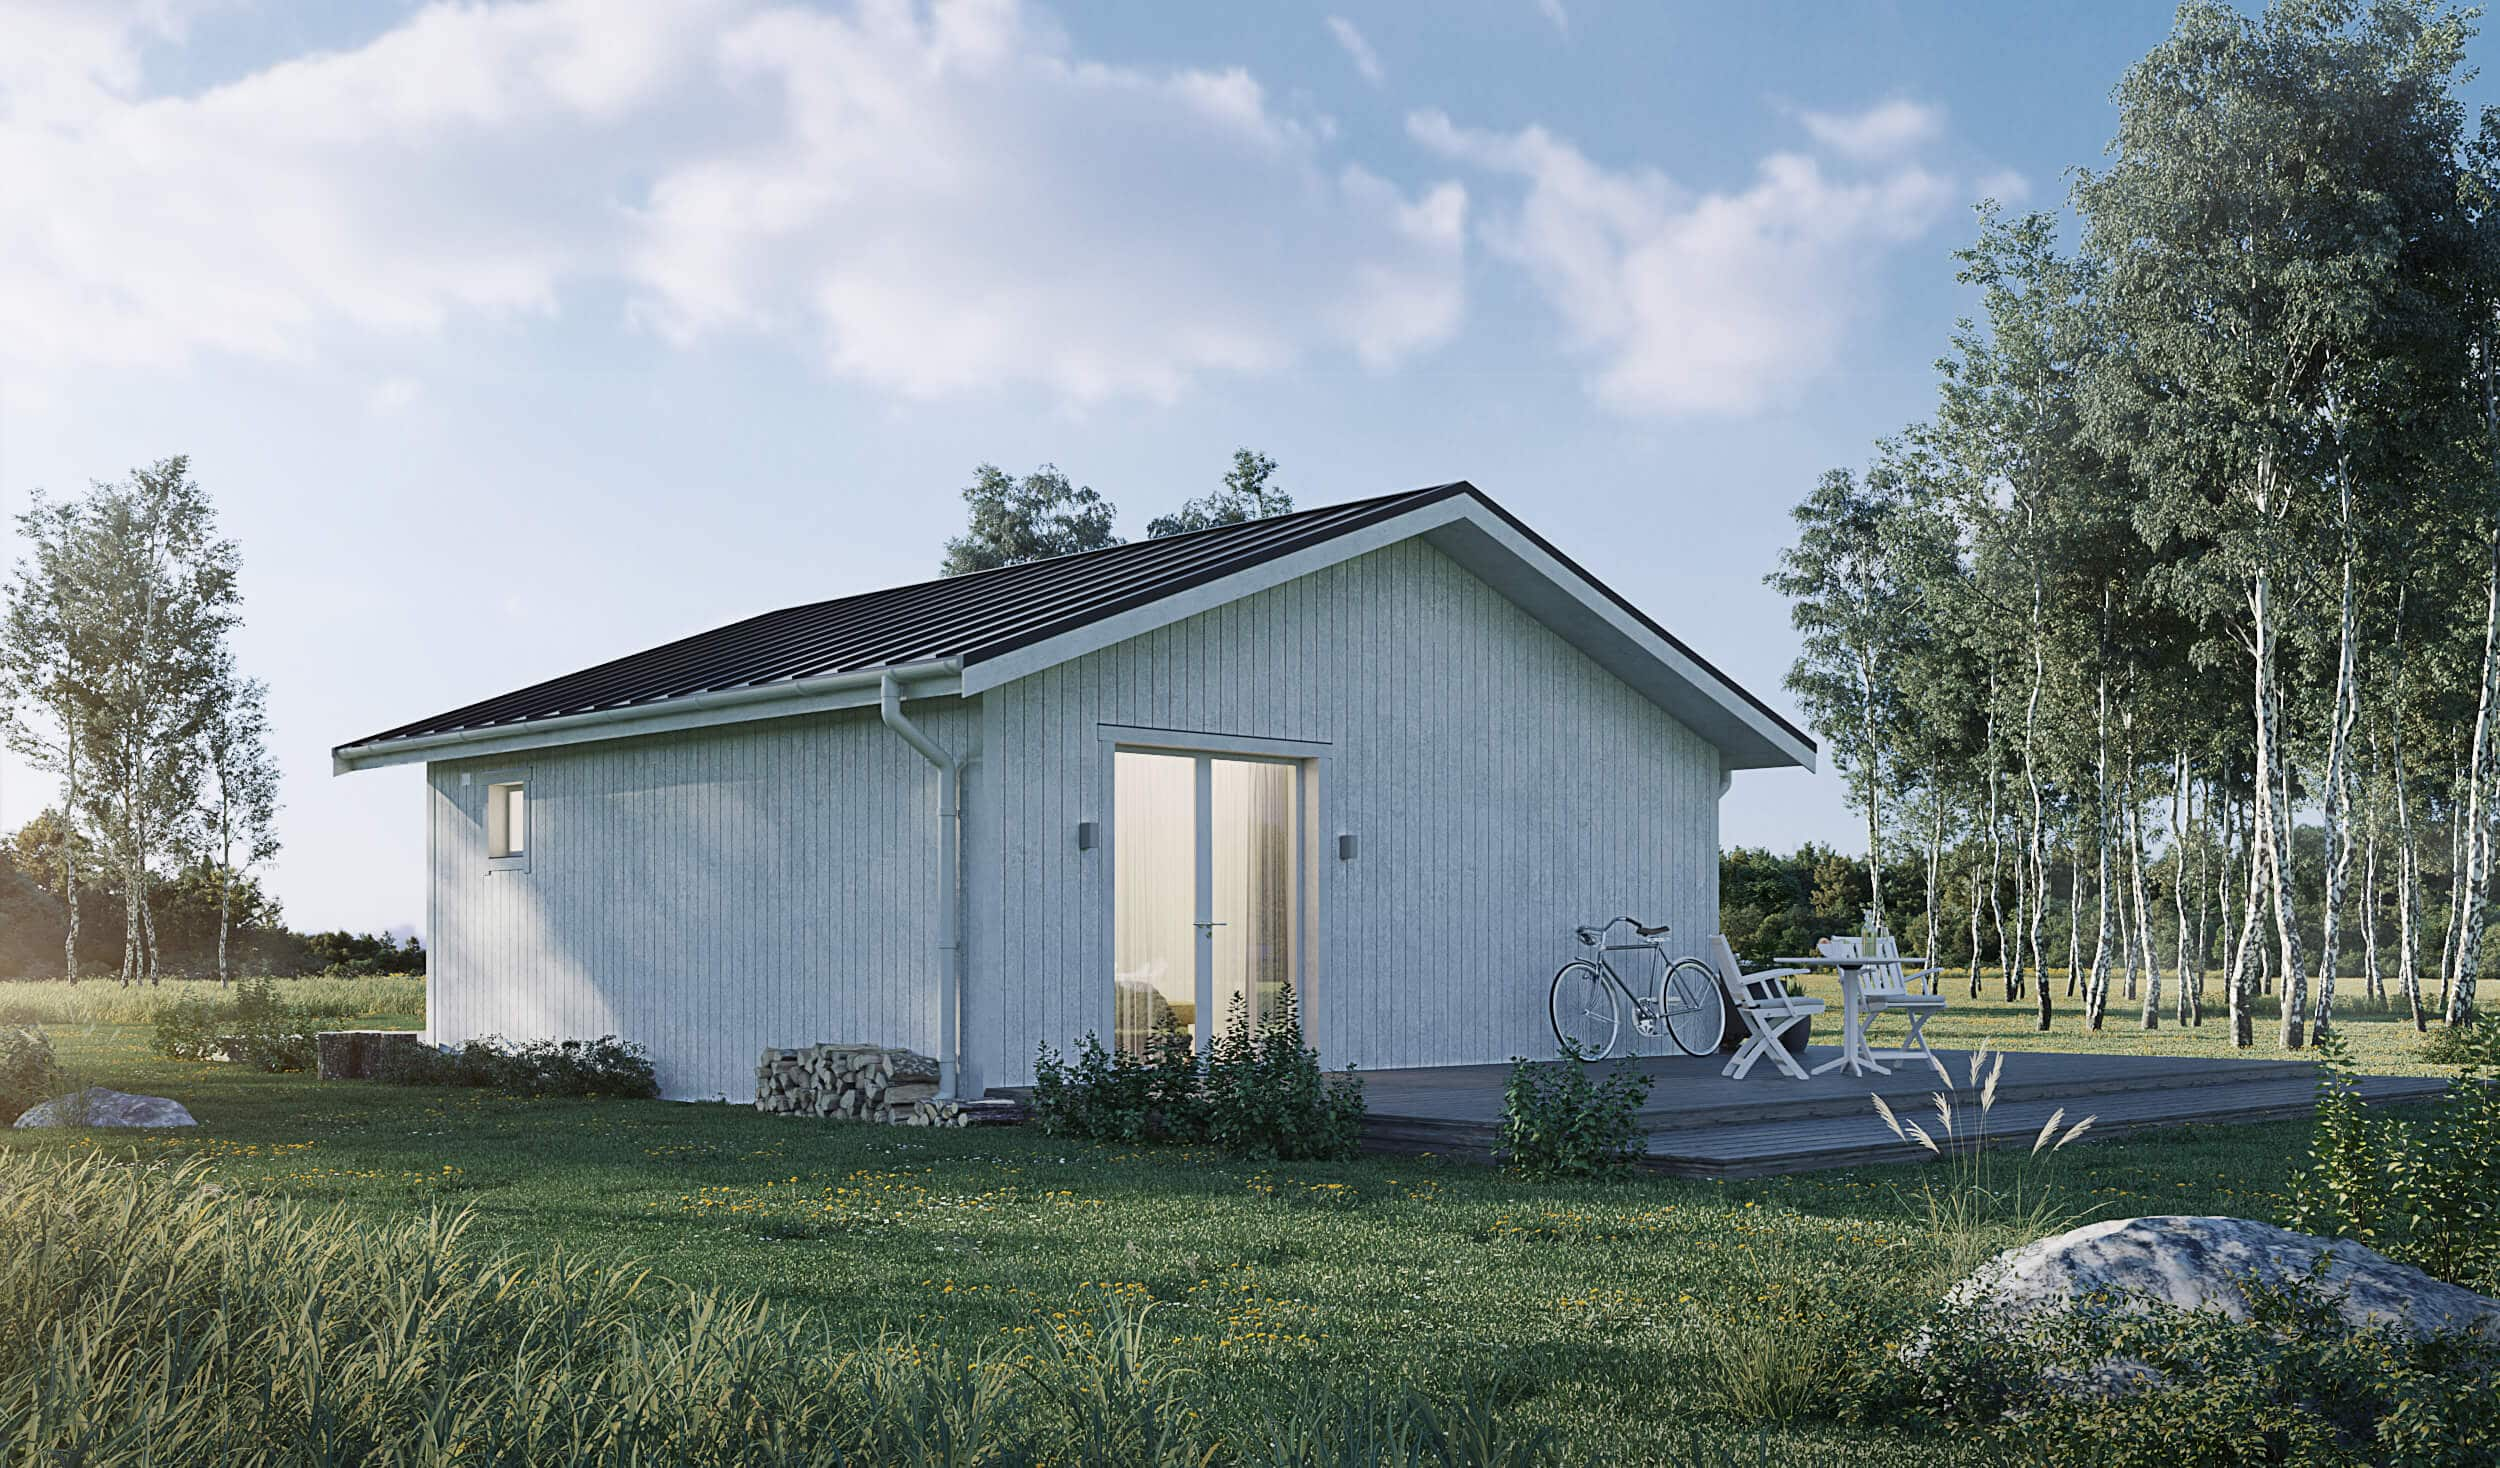 Fritidshus på 50 kvm med klassiskt sadeltak och vit fasad